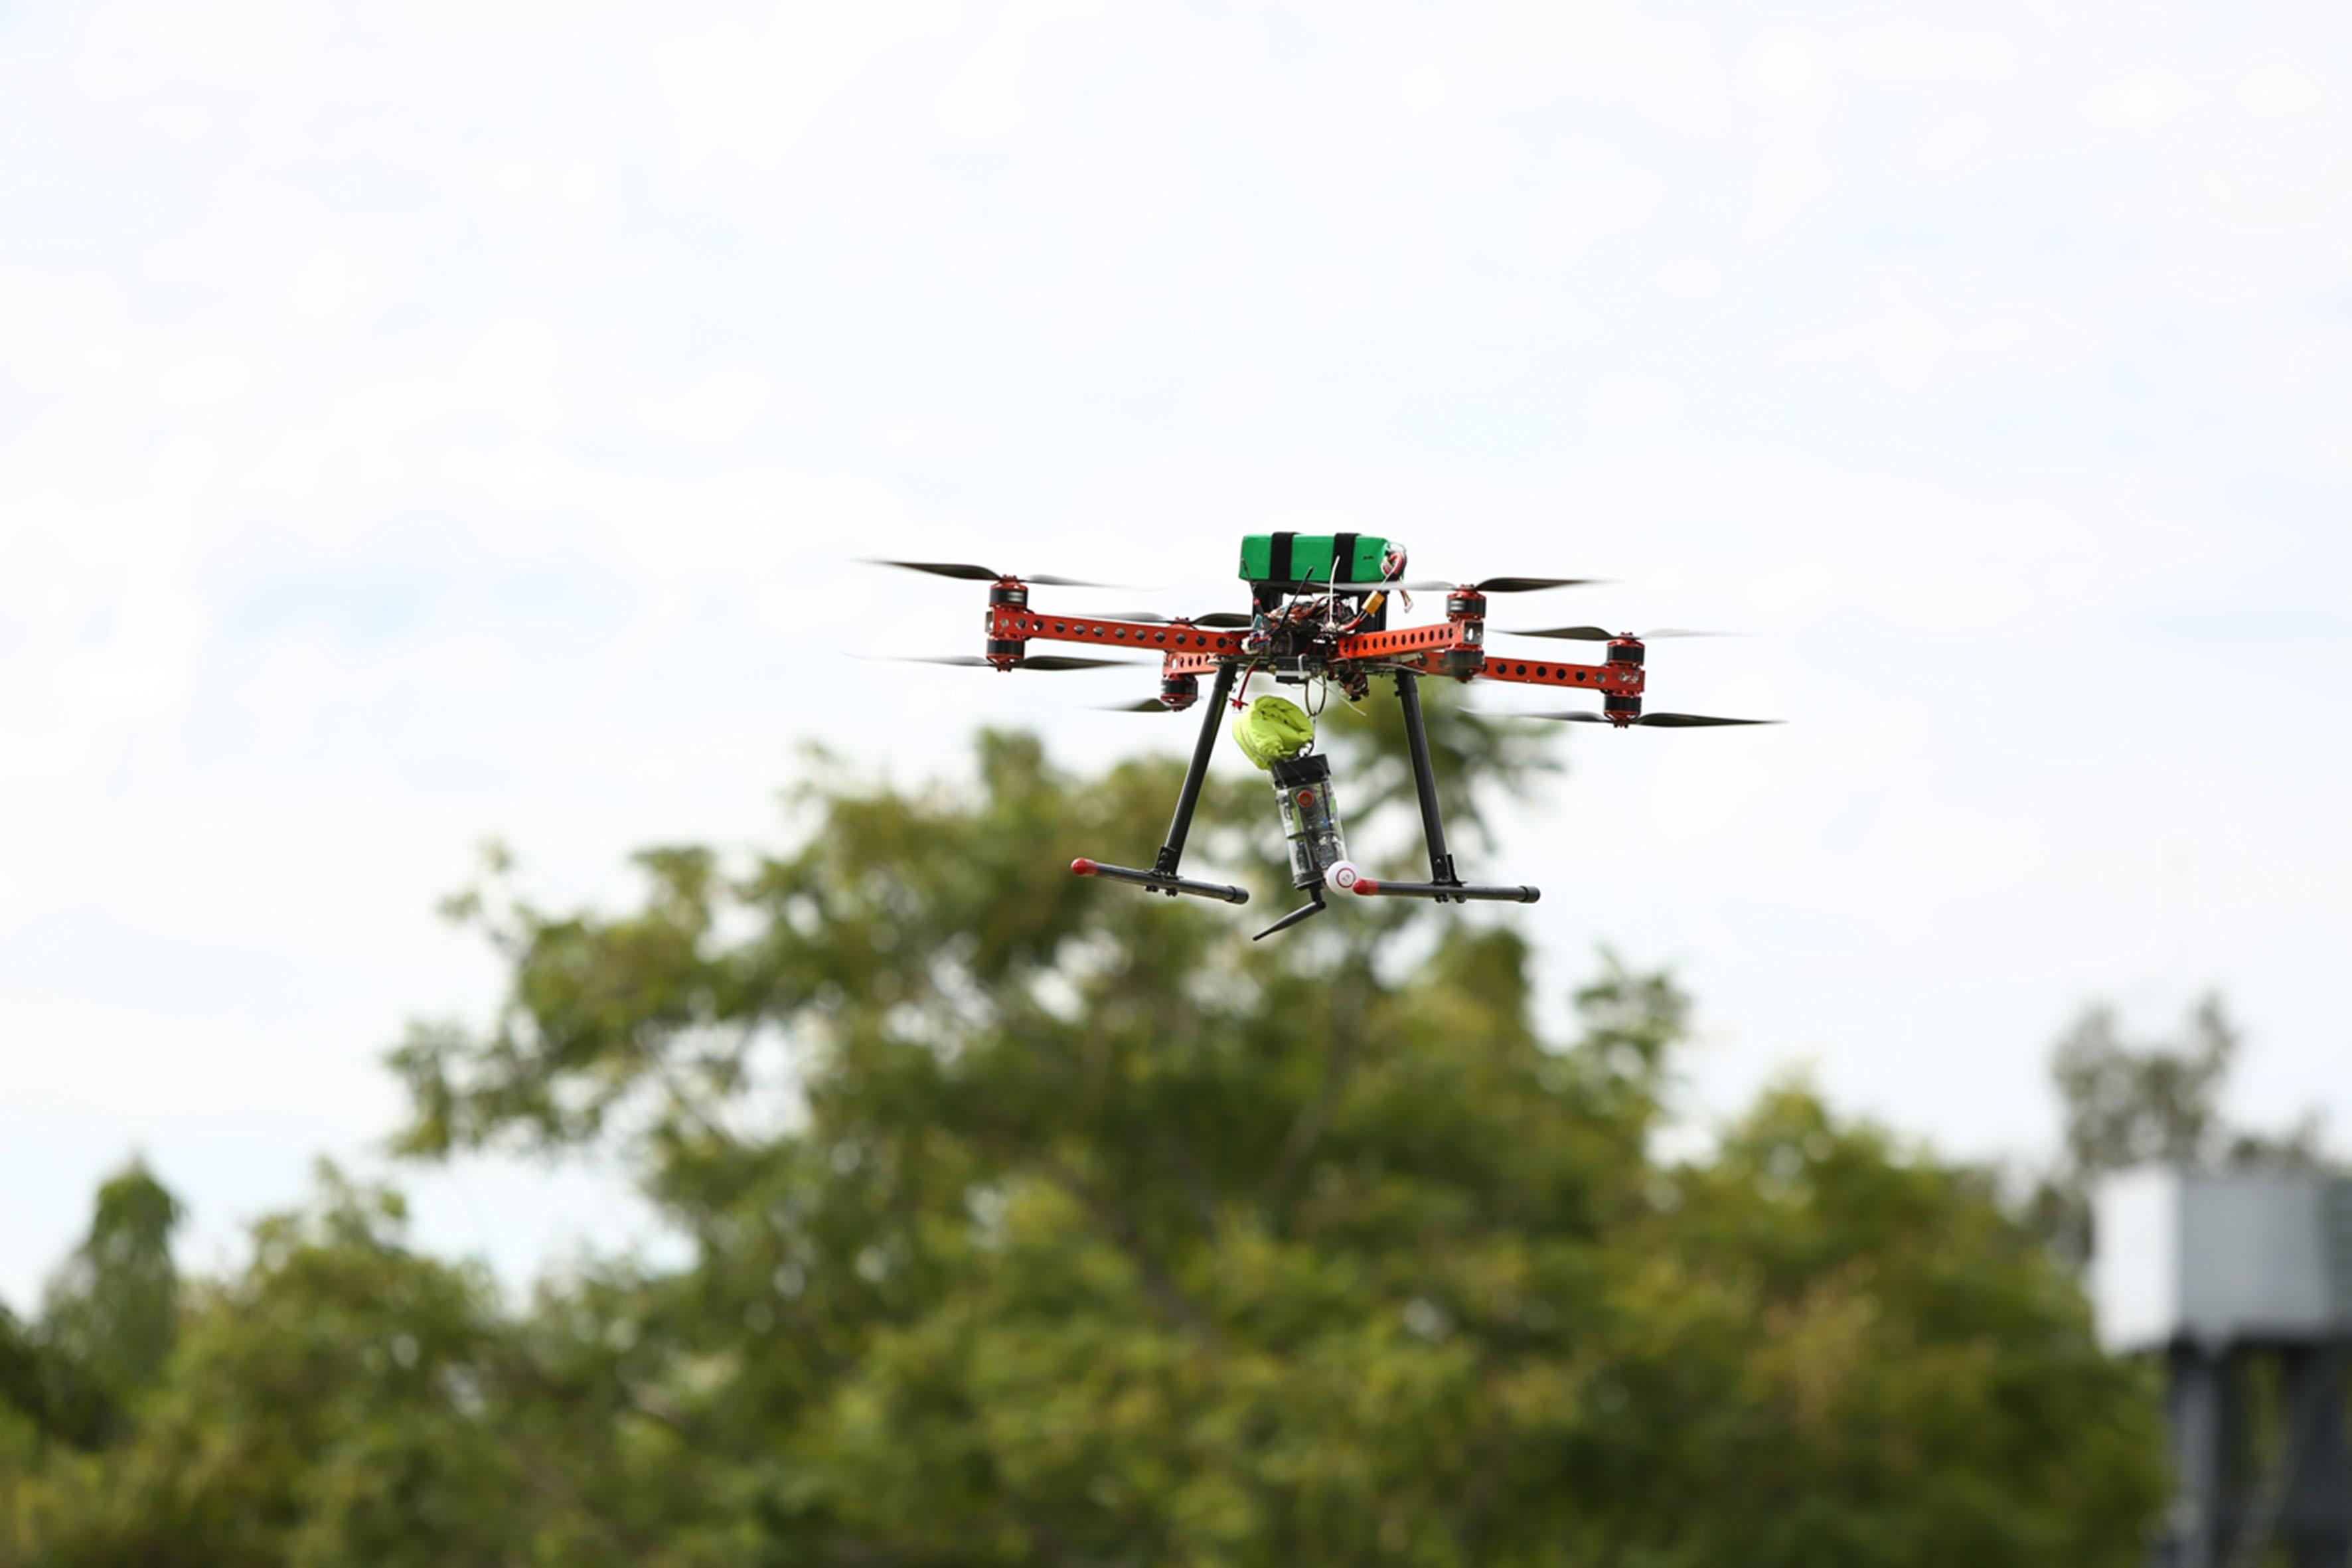 Drone volando por los aíres del centro universitario, cargando uno de los satélites en miniatura, elaborado por los estudiantes de ingienería.